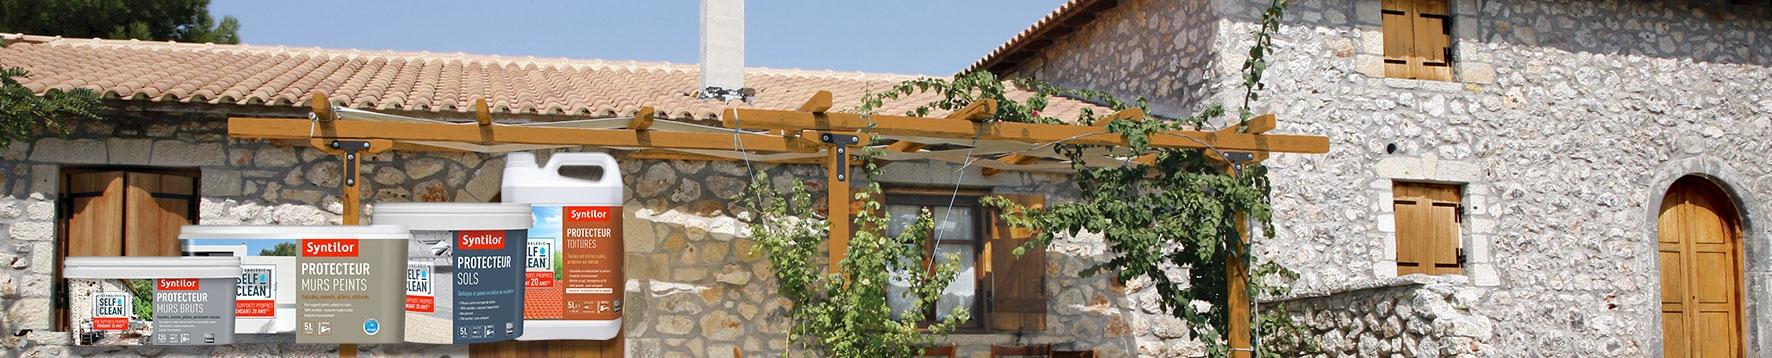 Gamme Self Clean protection des murs, sols et toitures